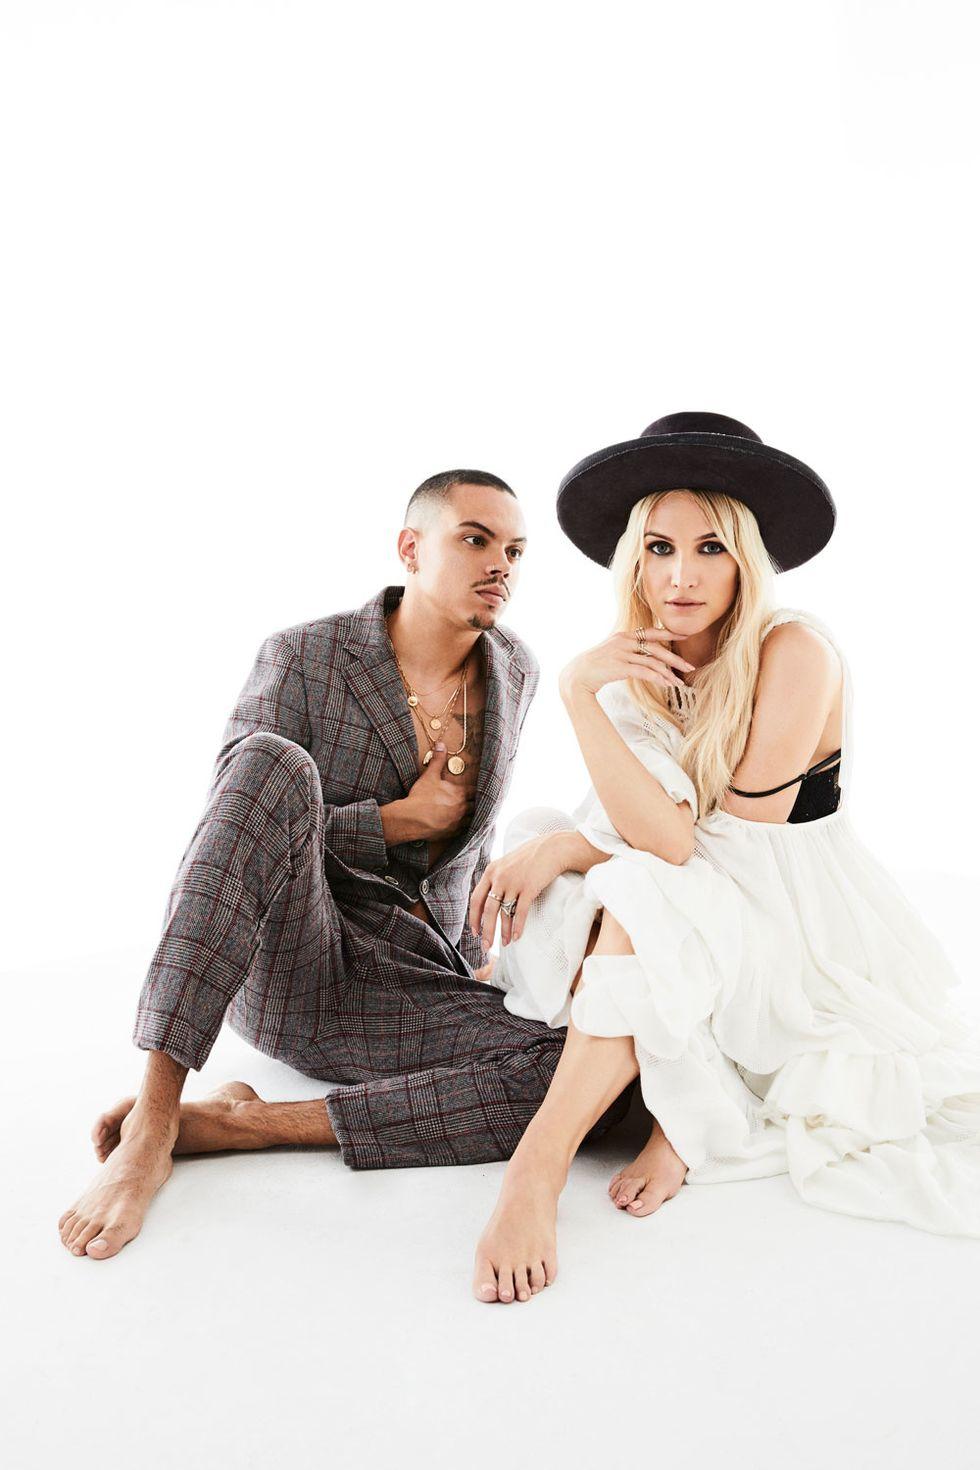 Ashlee Simpson + Evan Ross to Perform in Atlanta: 1/10